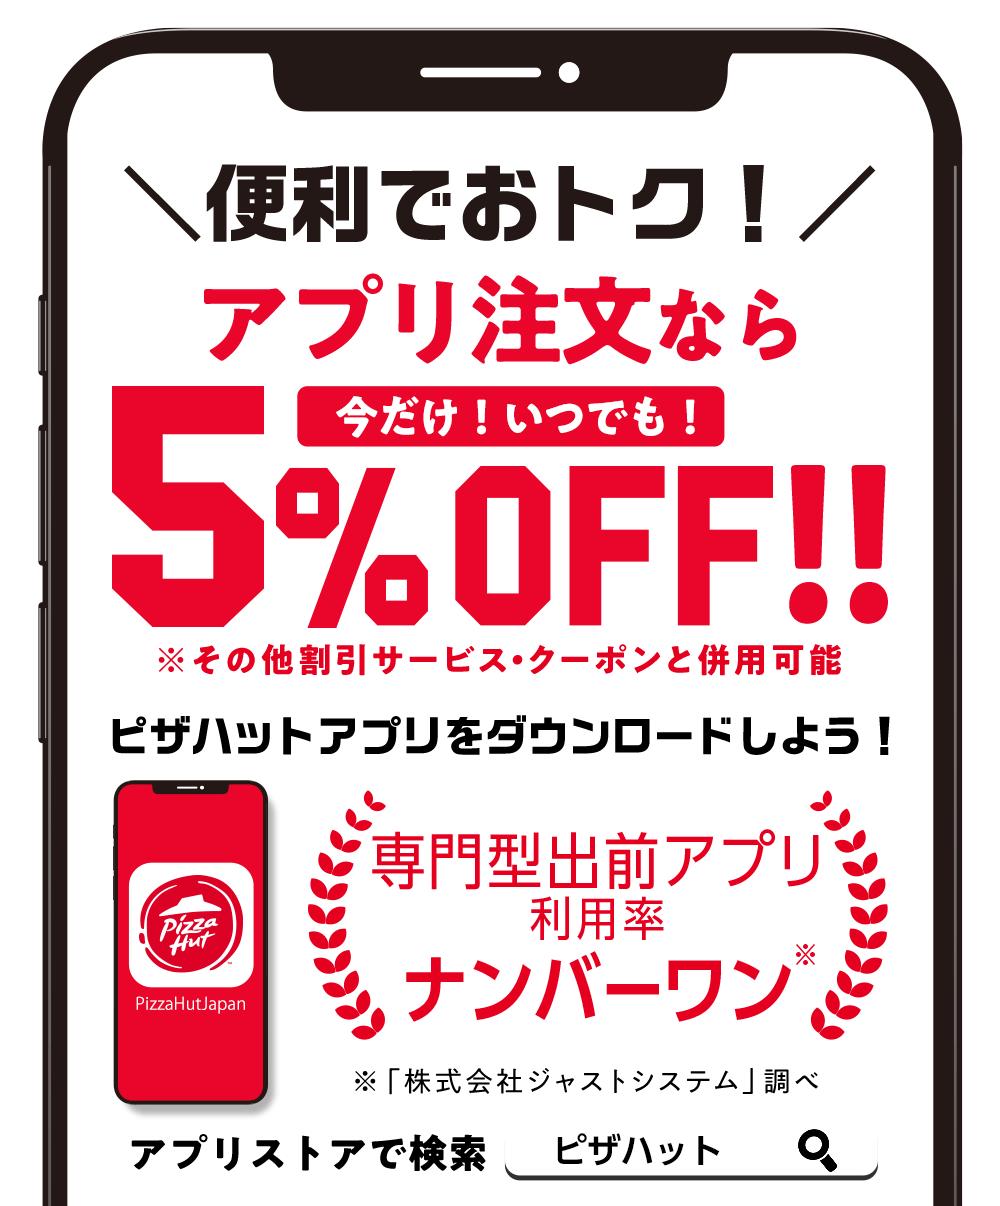 ピザハットのアプリ注文なら5%OFFキャンペーン